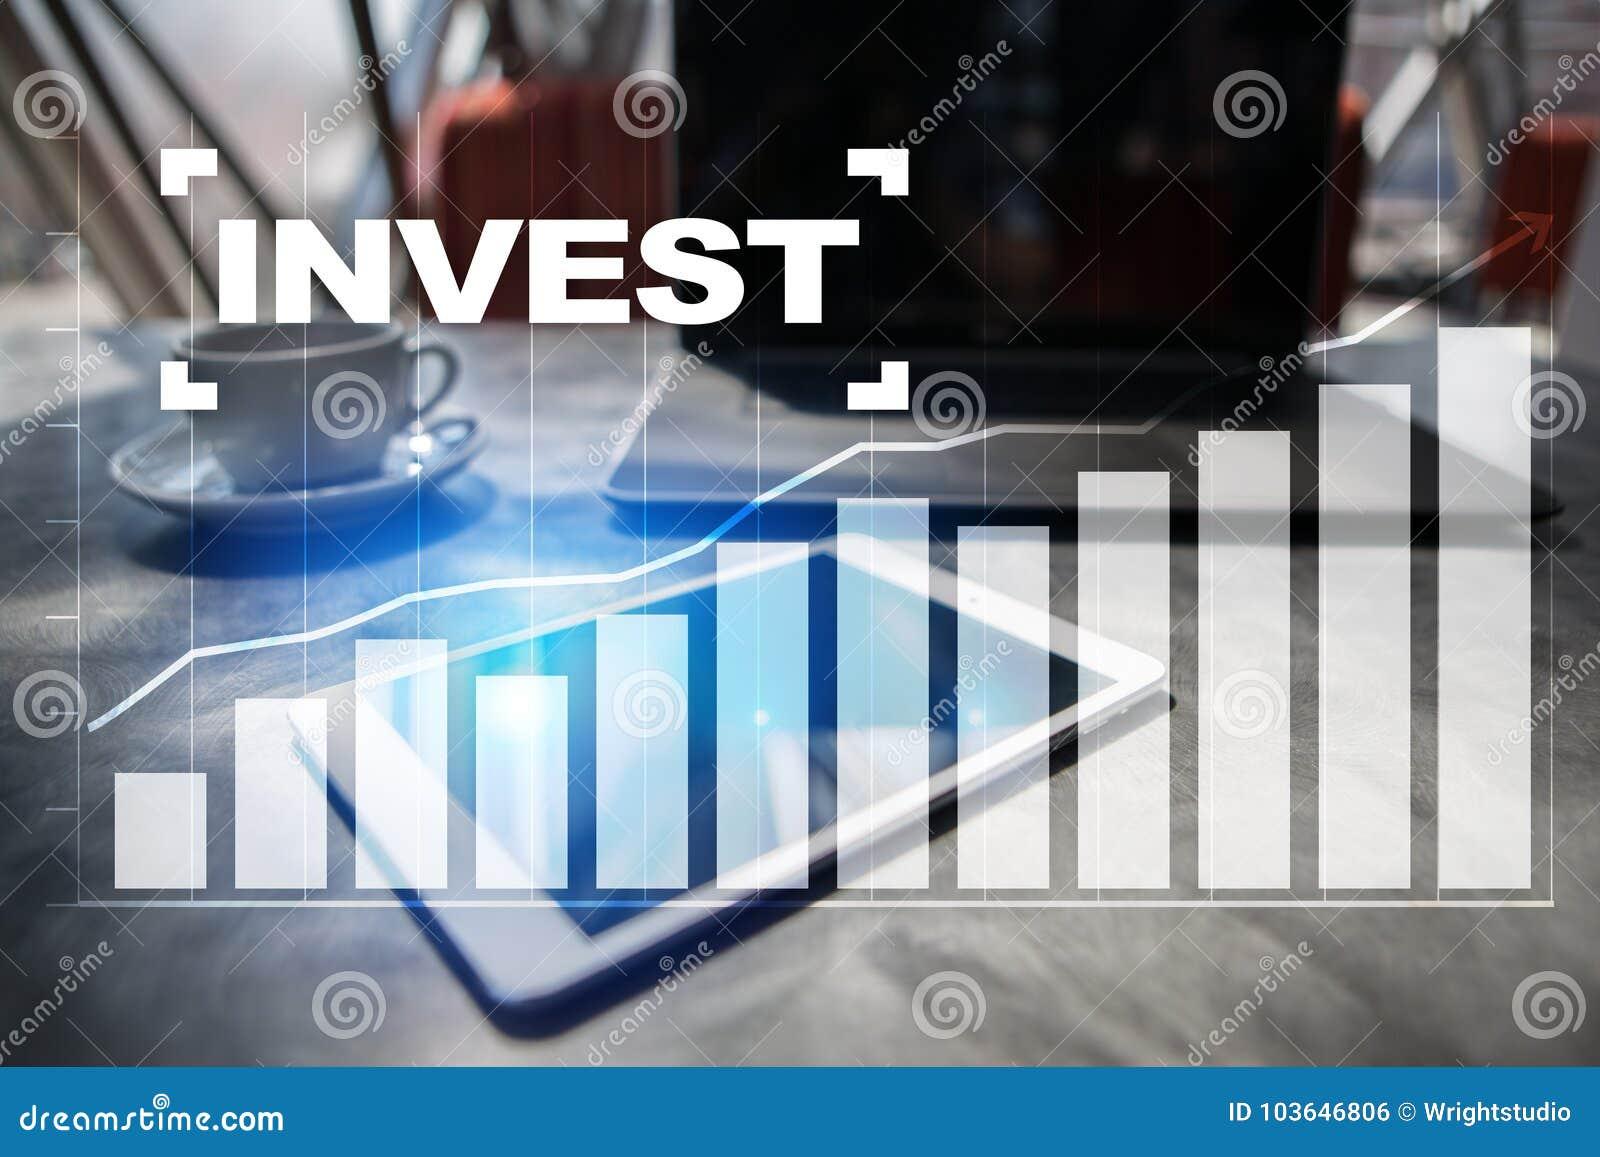 Investieren Sie Anlagenrendite Conceptual Image Technologie- und Geschäftskonzept